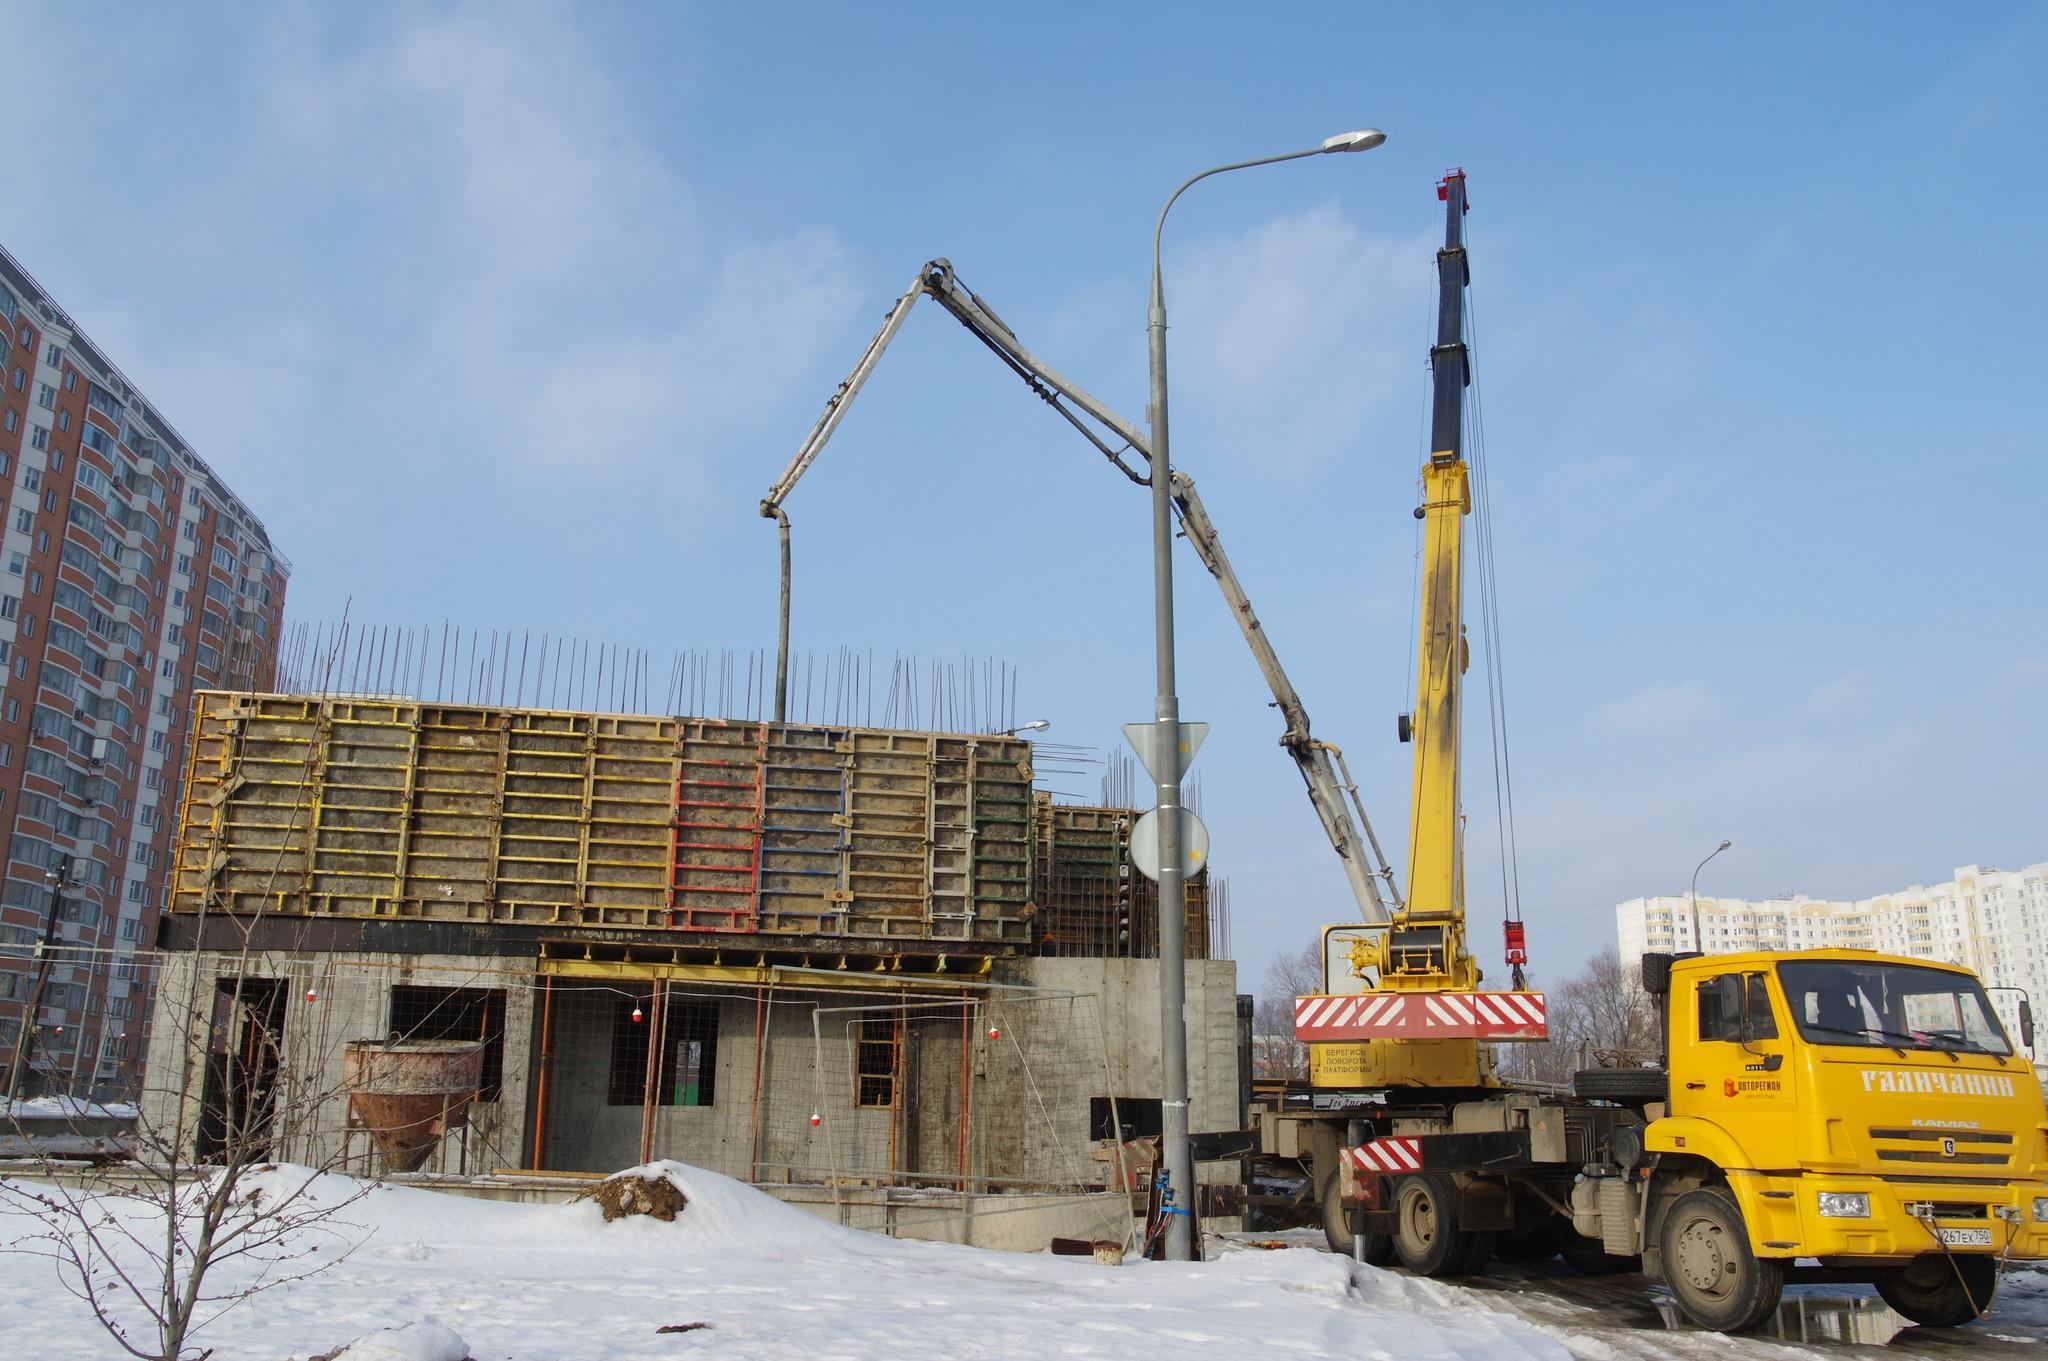 Автокран на базе автомобильного шасси КАМАЗ. Строительство конечной станции городского пассажирского транспорта в 4 микрорайоне посёлка Северный